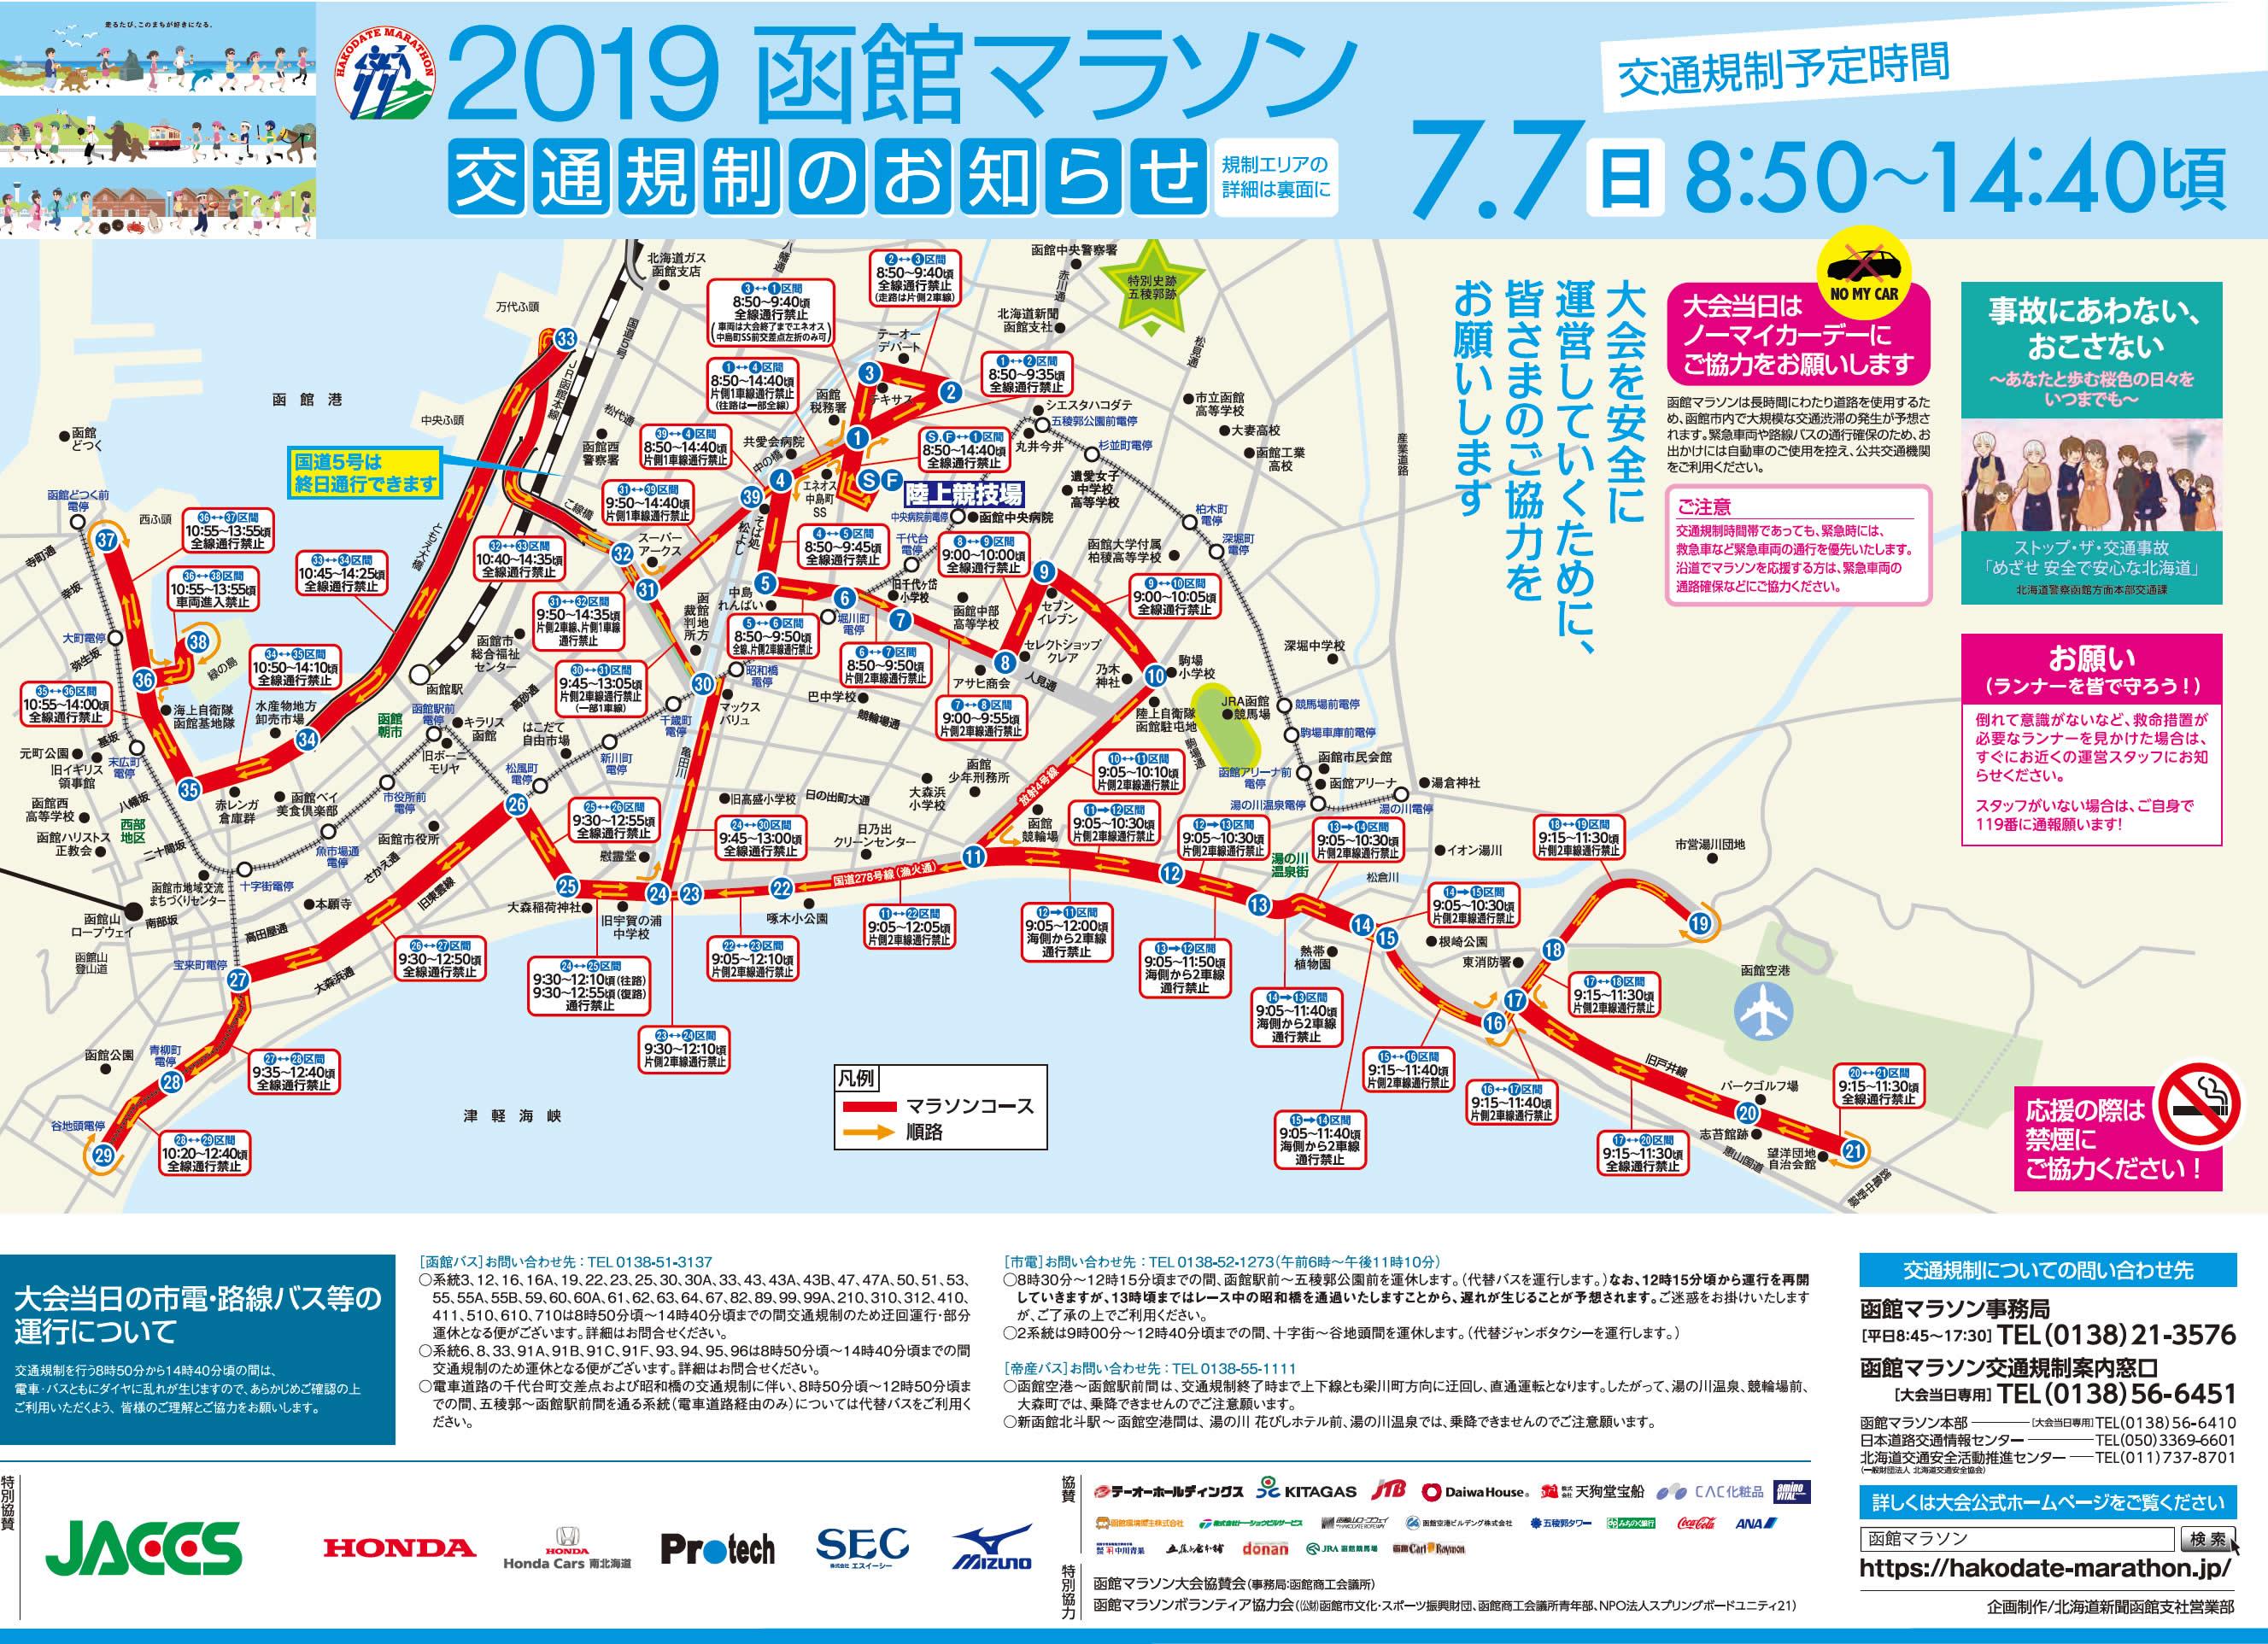 2019函館マラソン交通規制のお知らせ